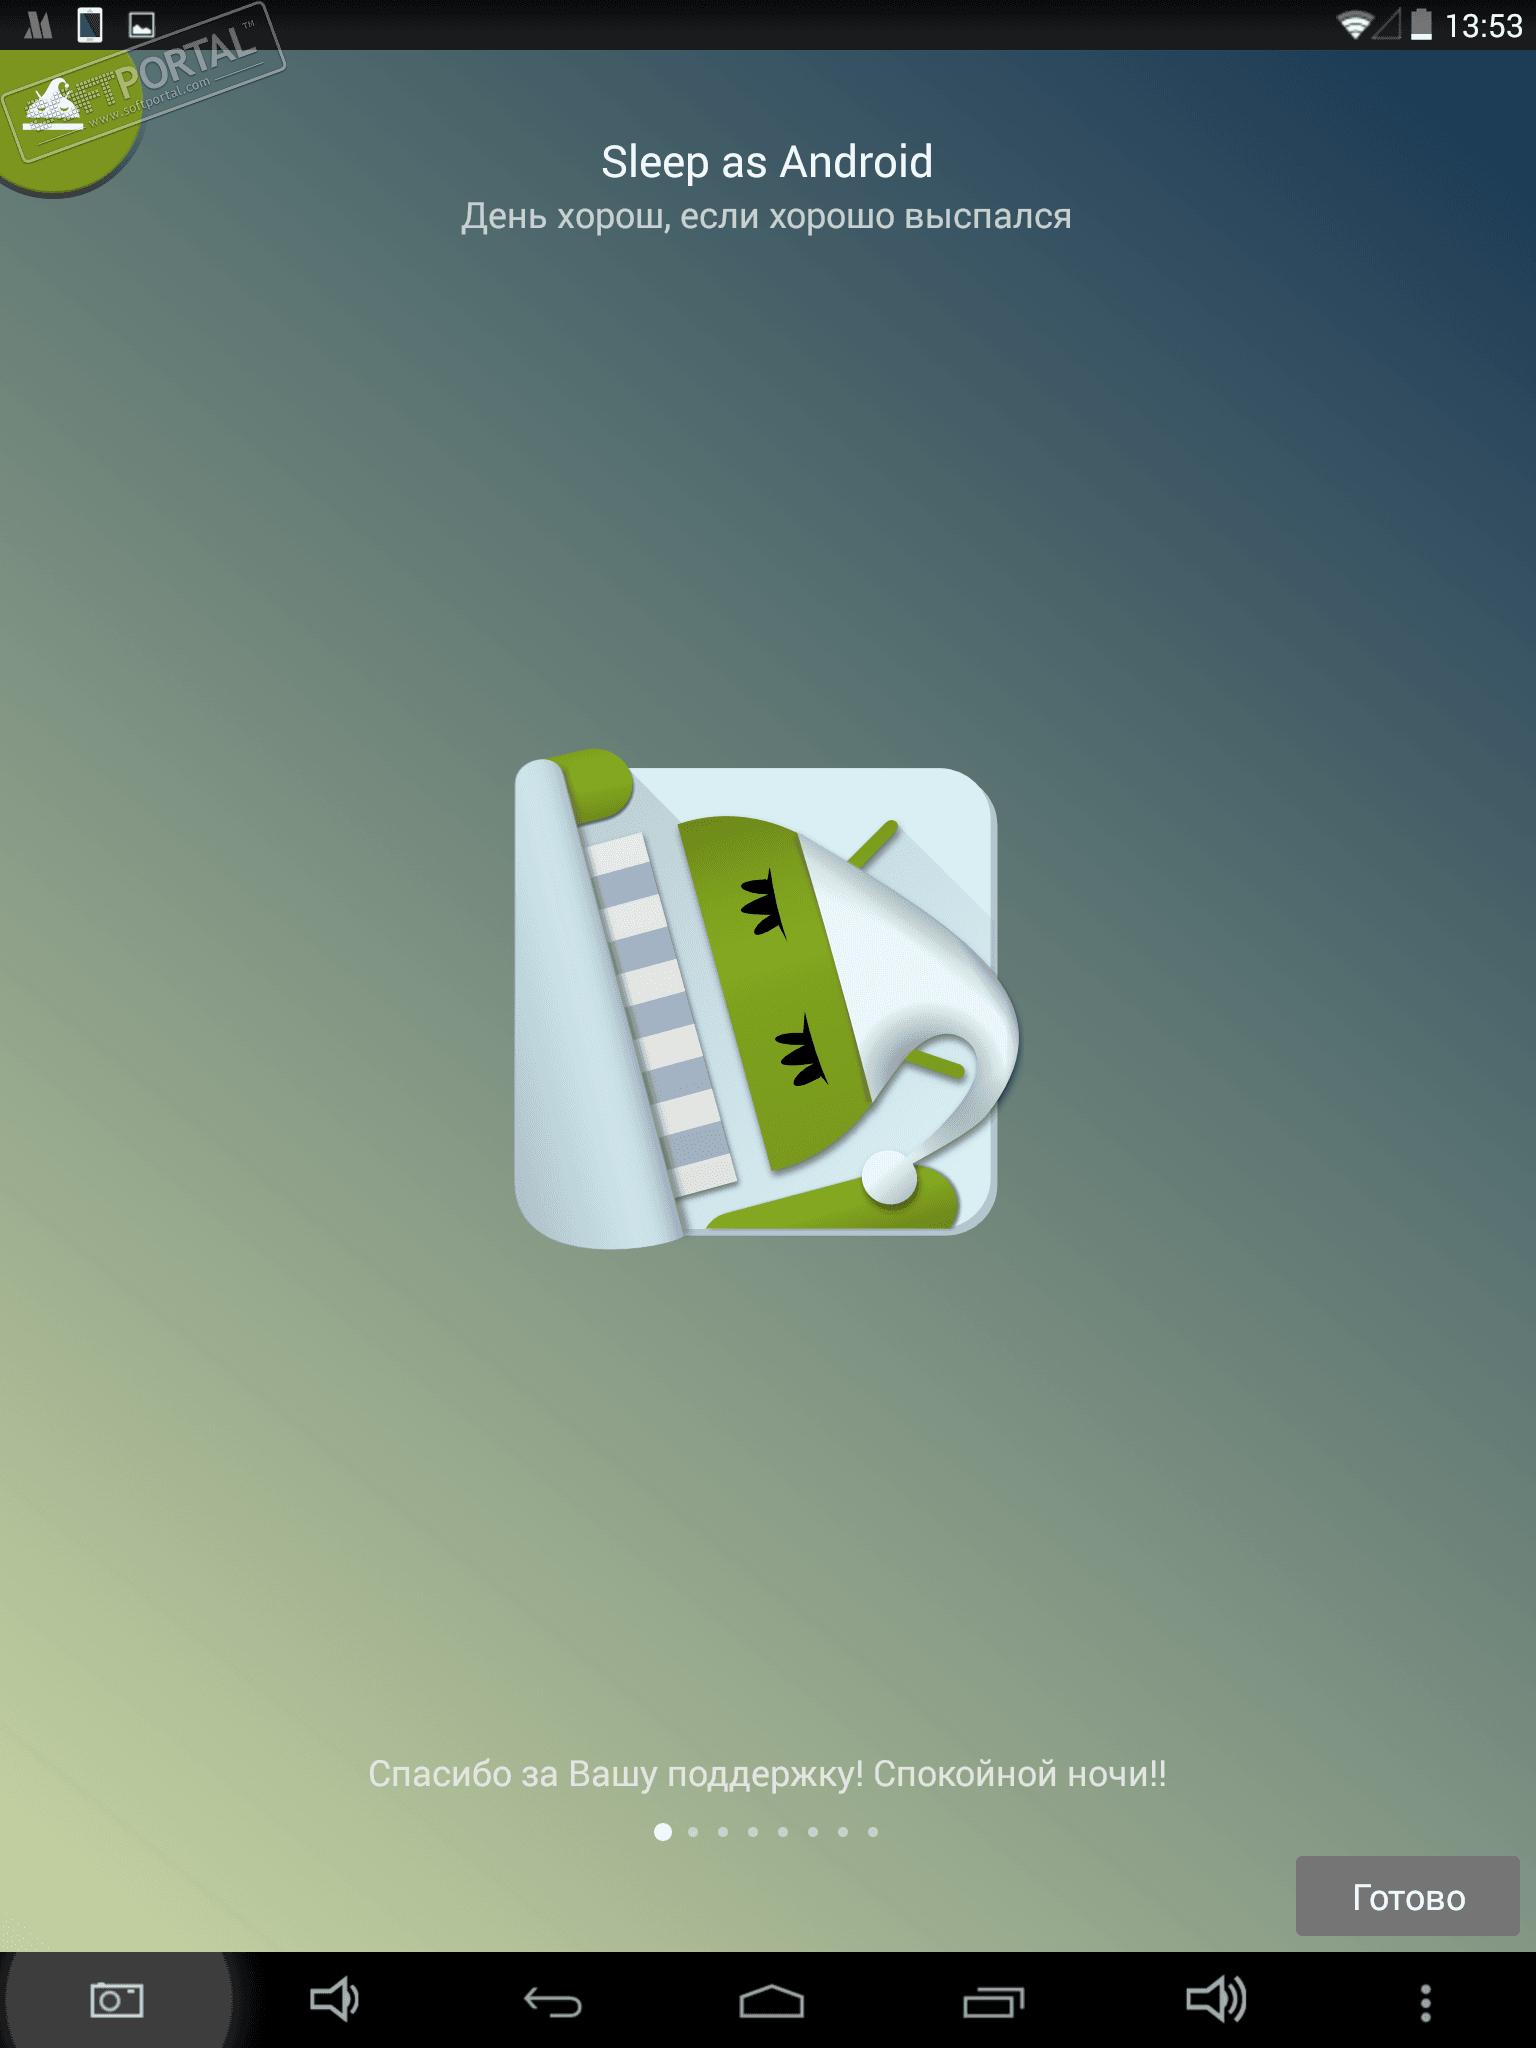 Приложение sleep as android скачать полную версию